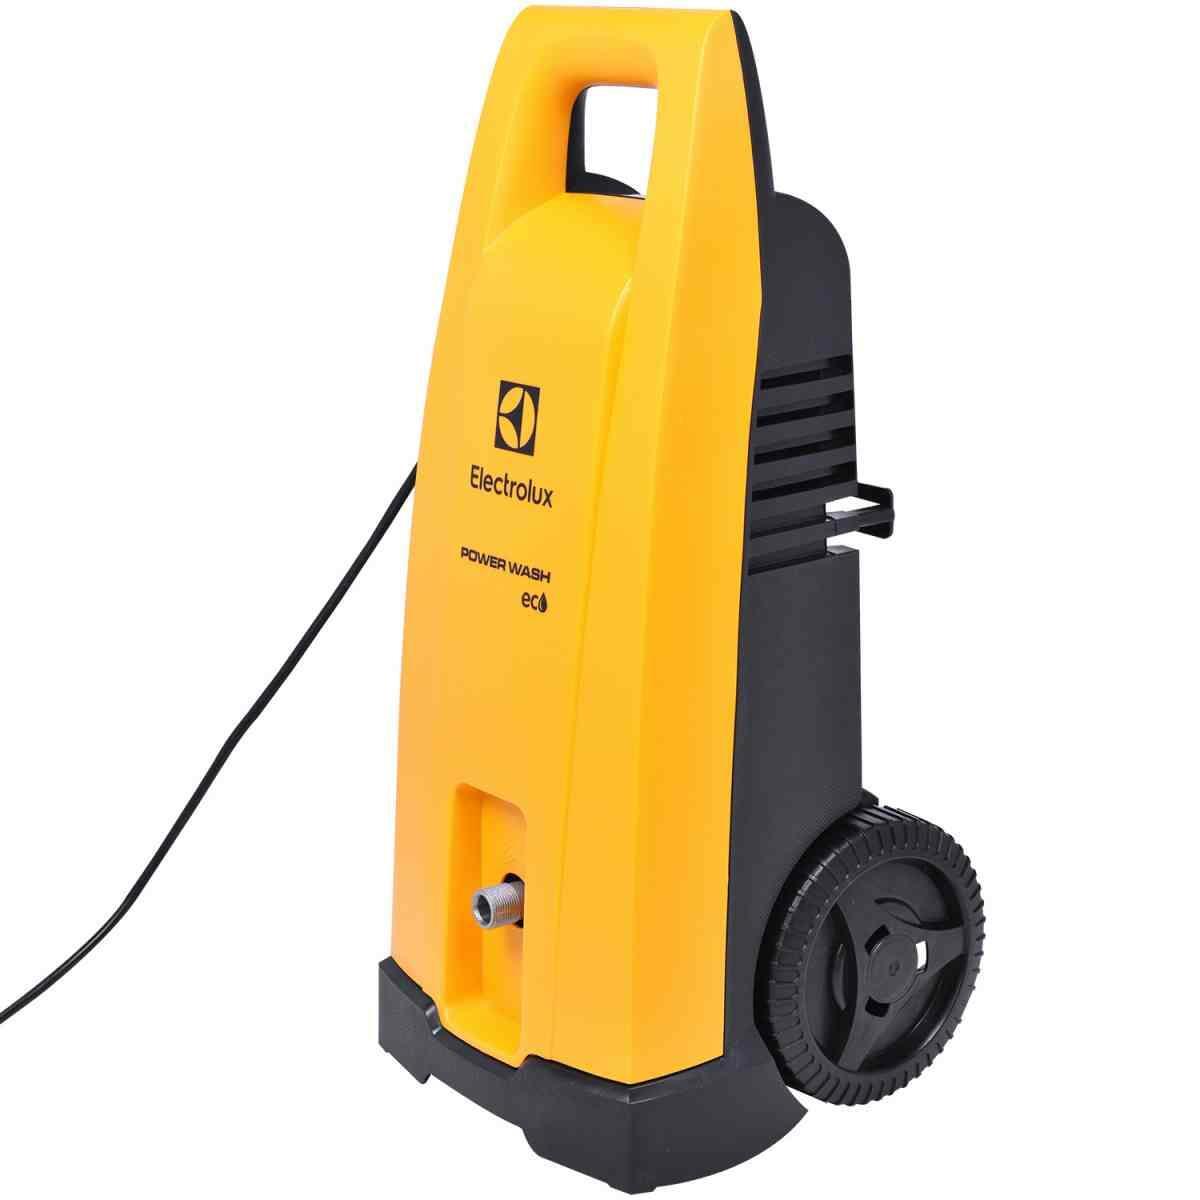 Lavadora de Alta Pressão PowerWash Eco 1450W Electrolux